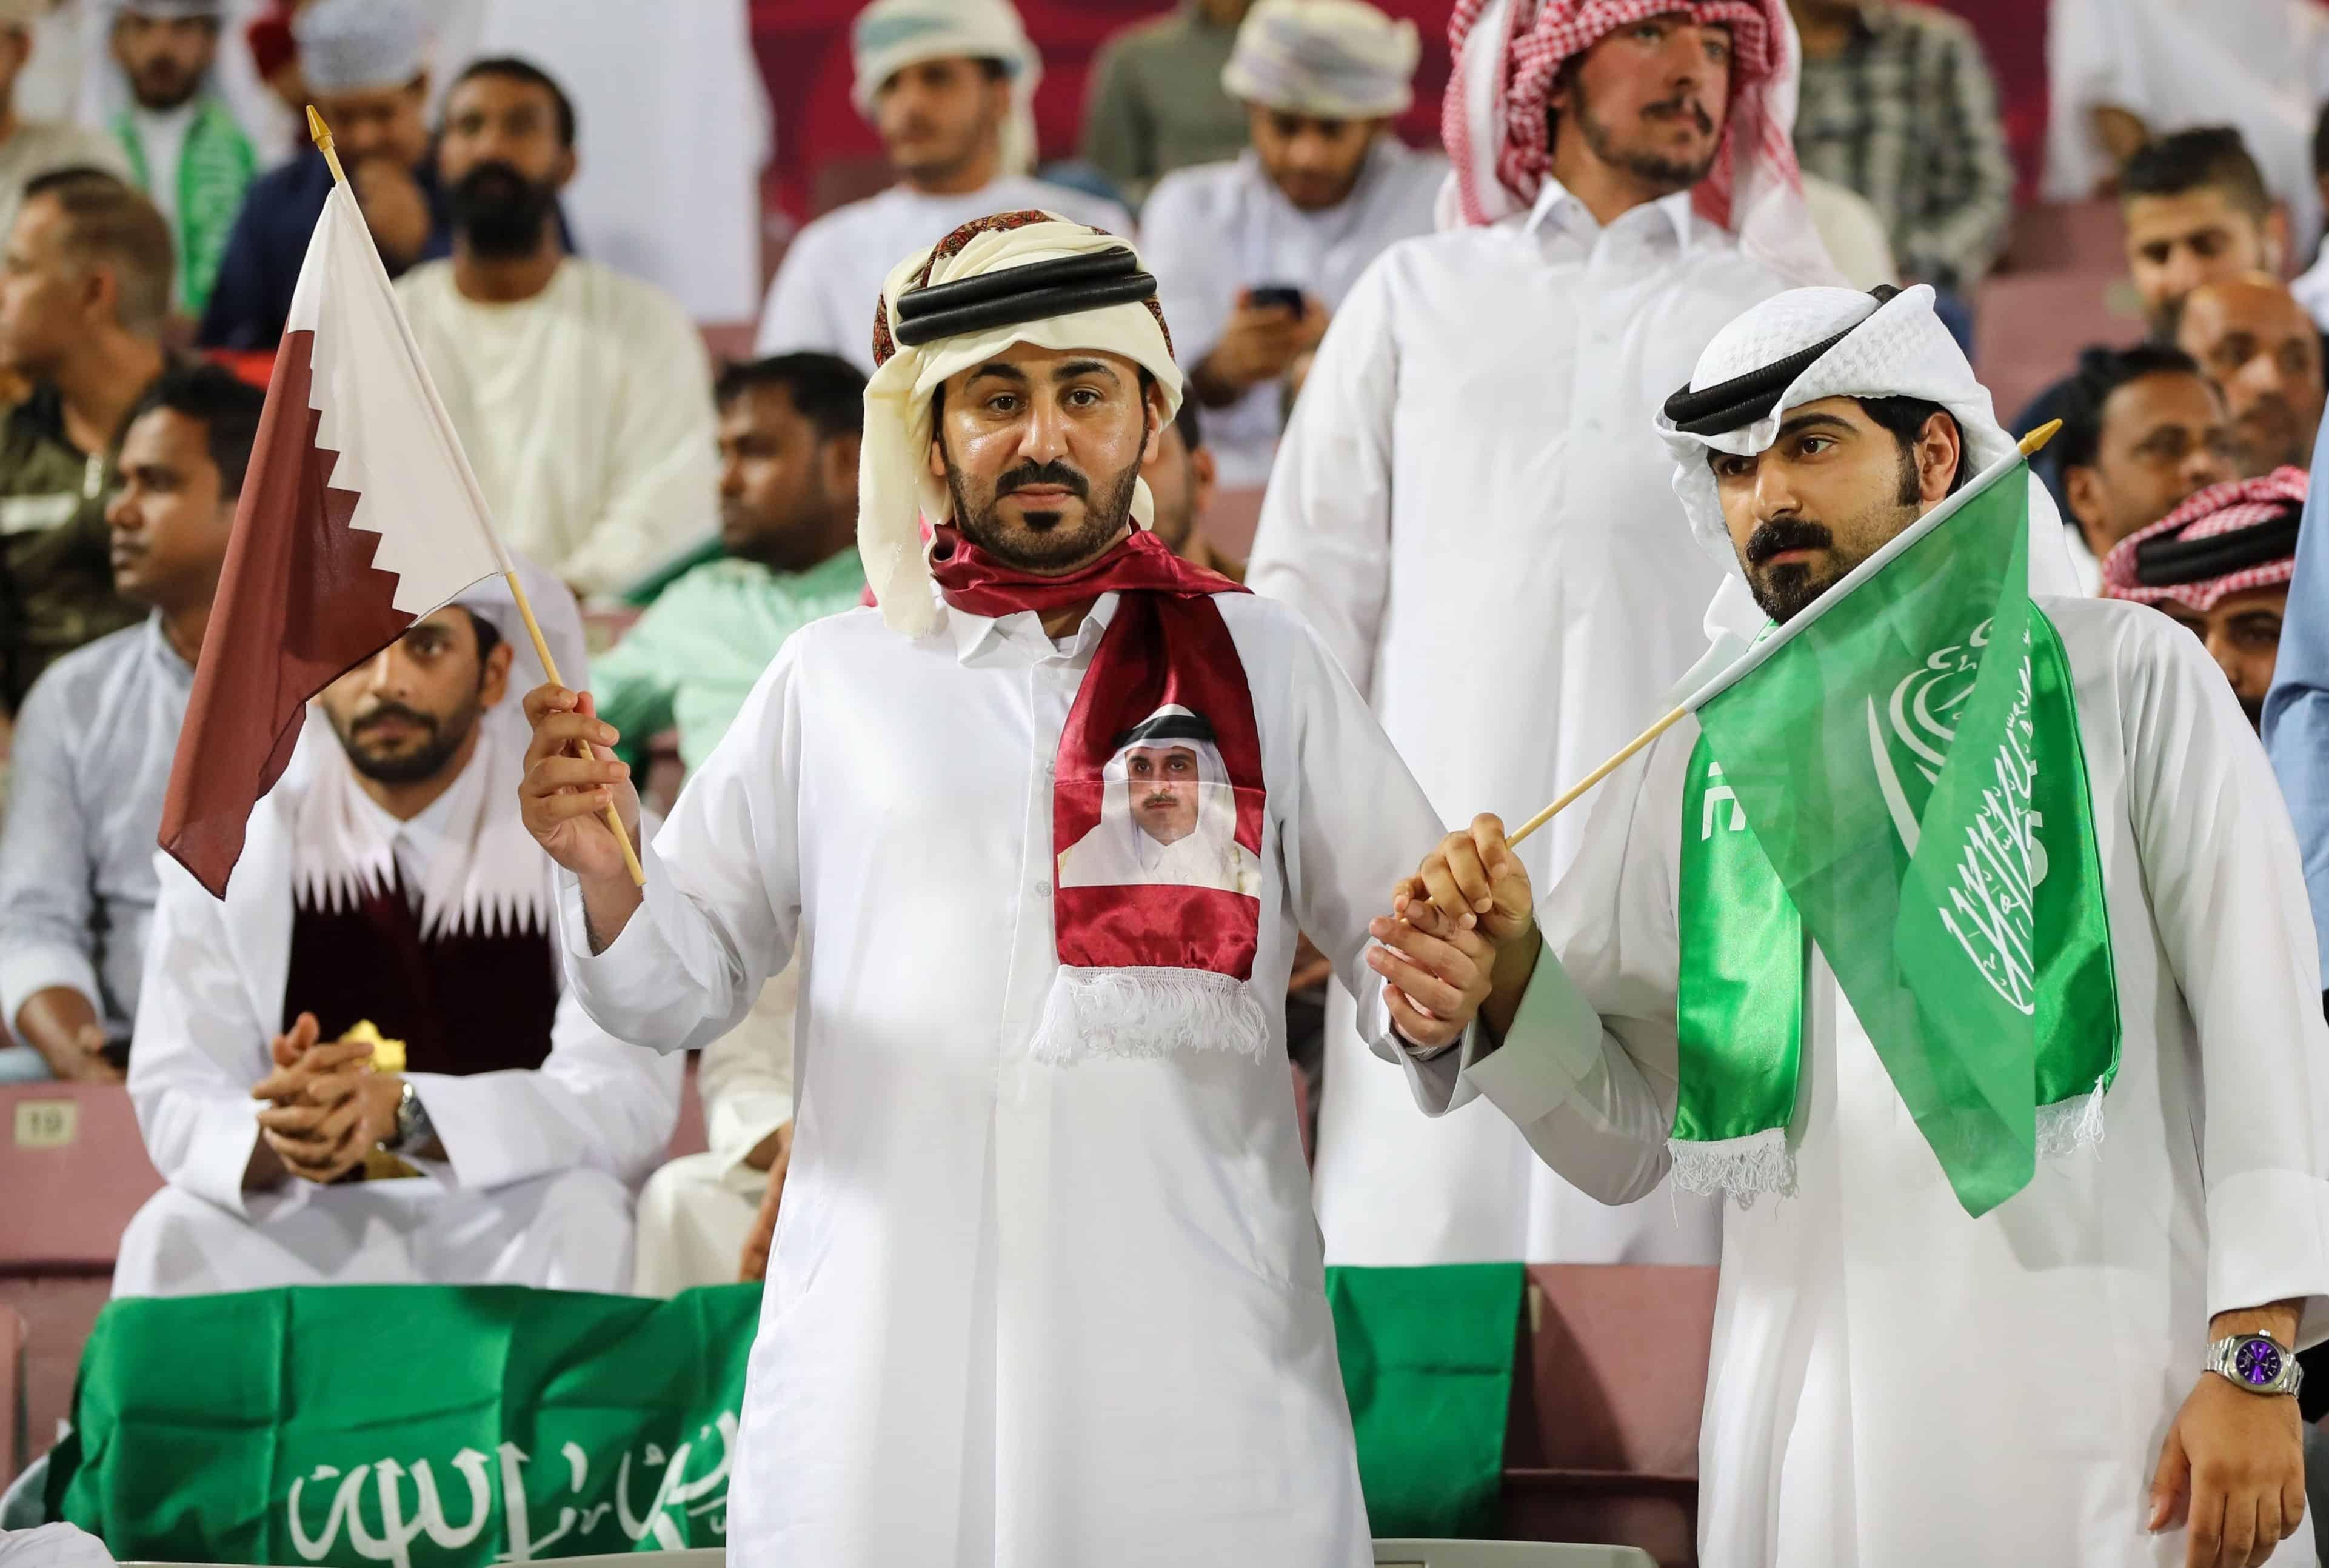 رويترز تكشف تفاصيل جديدة عن مصالحة قطر مع السعودية ومصر فقط